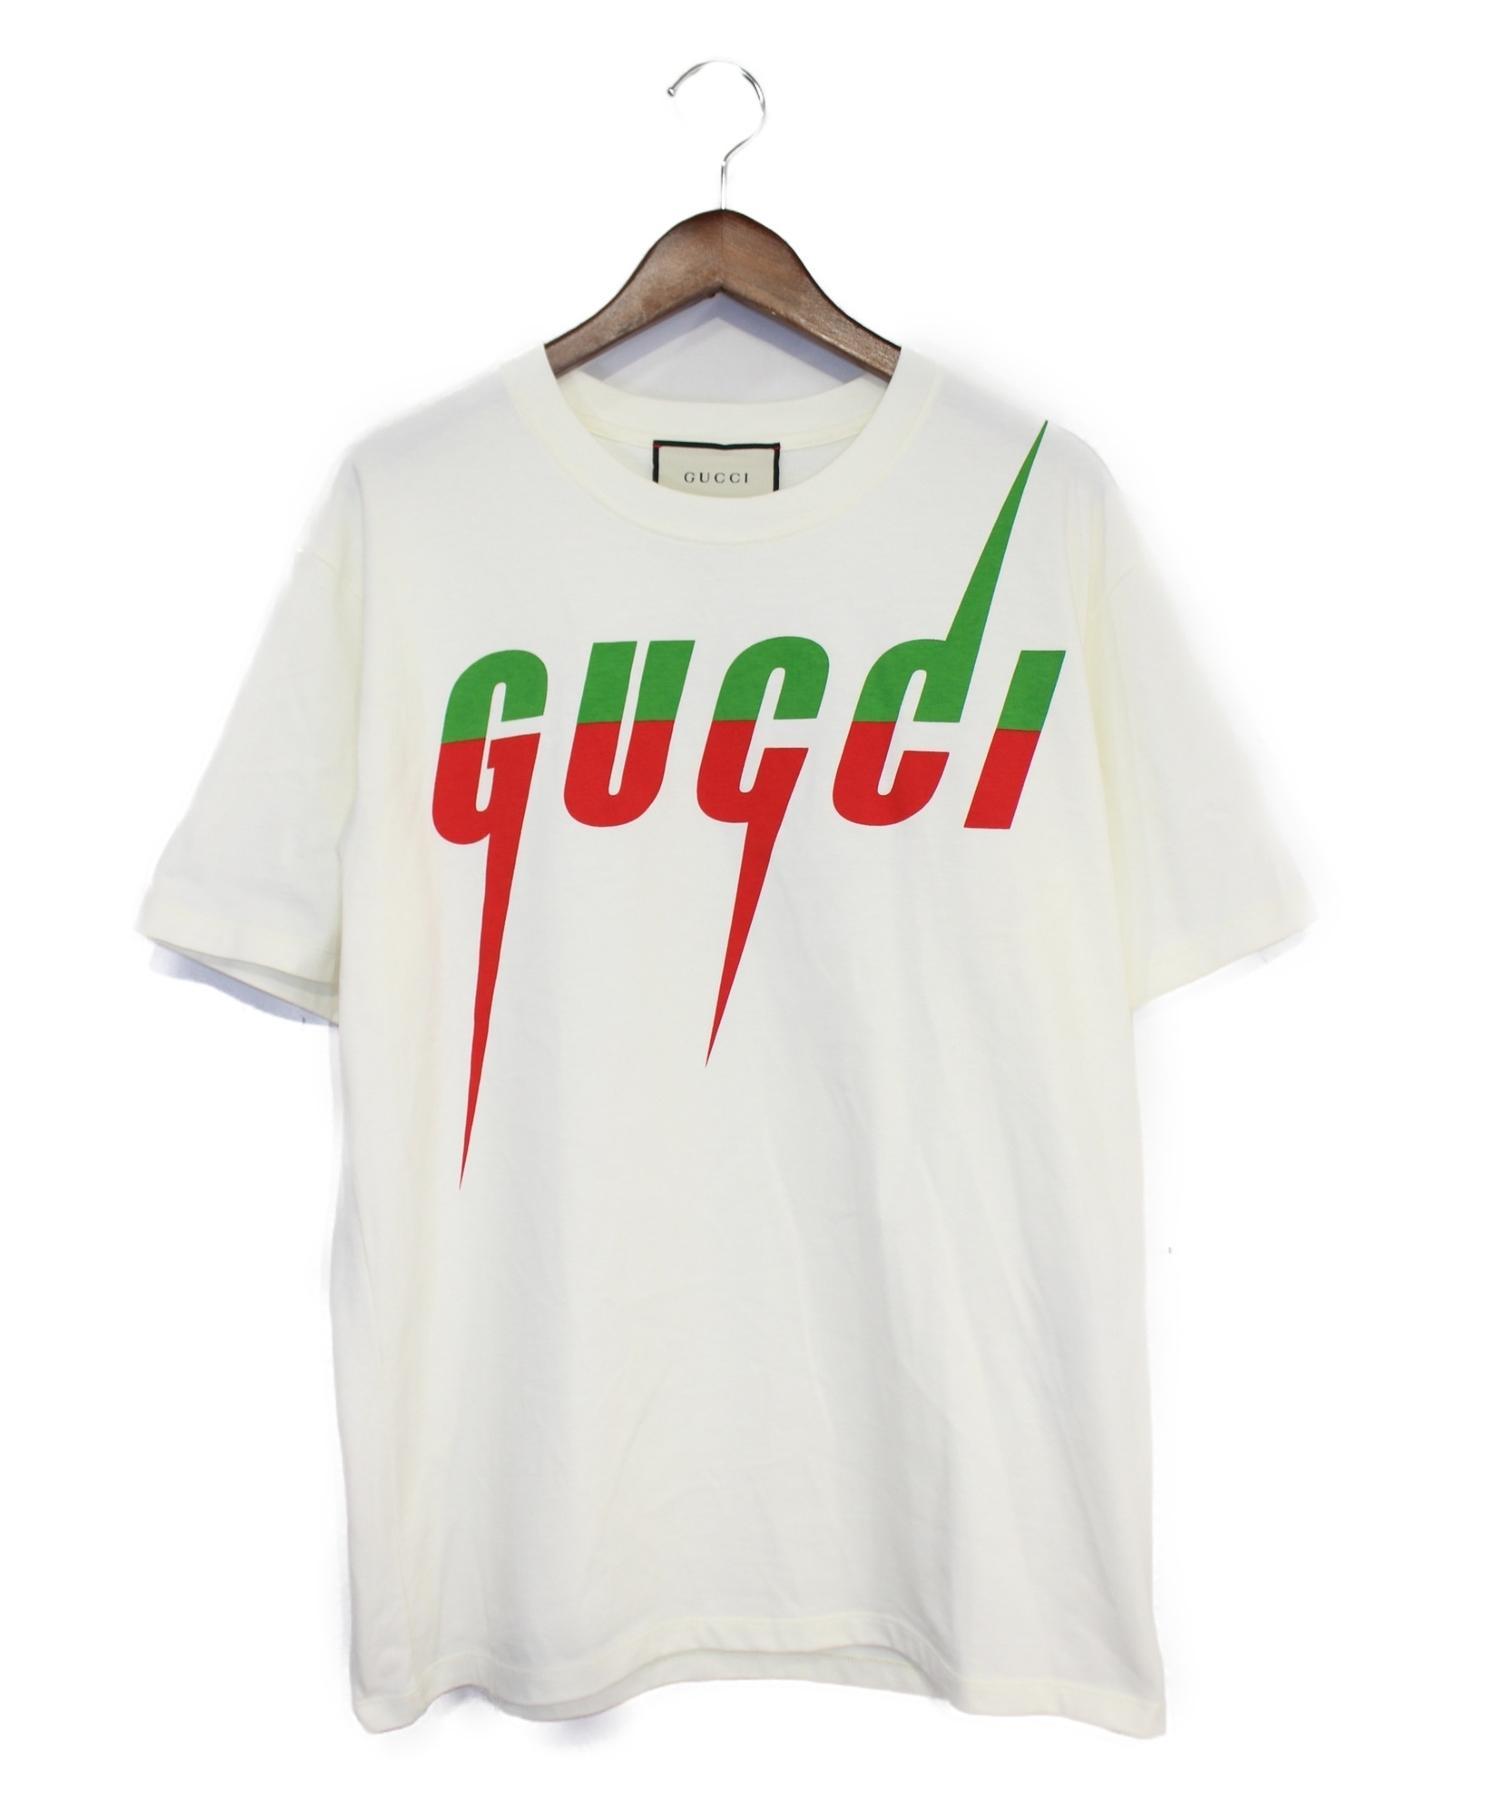 sale retailer 8c292 9637a [中古]GUCCI(グッチ)のメンズ トップス ブレードロゴTシャツ